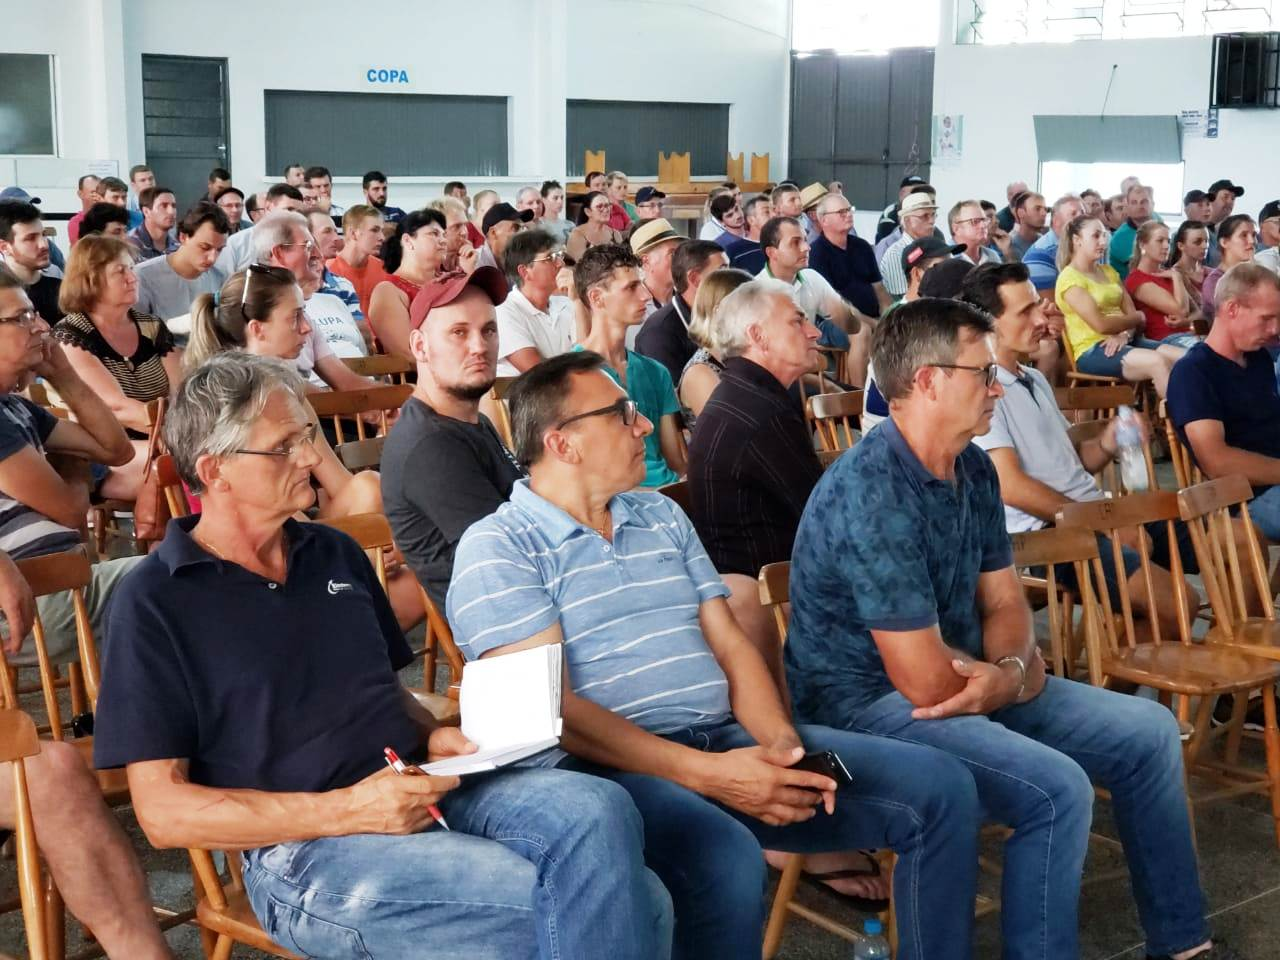 Palestra sobre lei da parceria reúne cerca de 200 suinocultores e avicultores